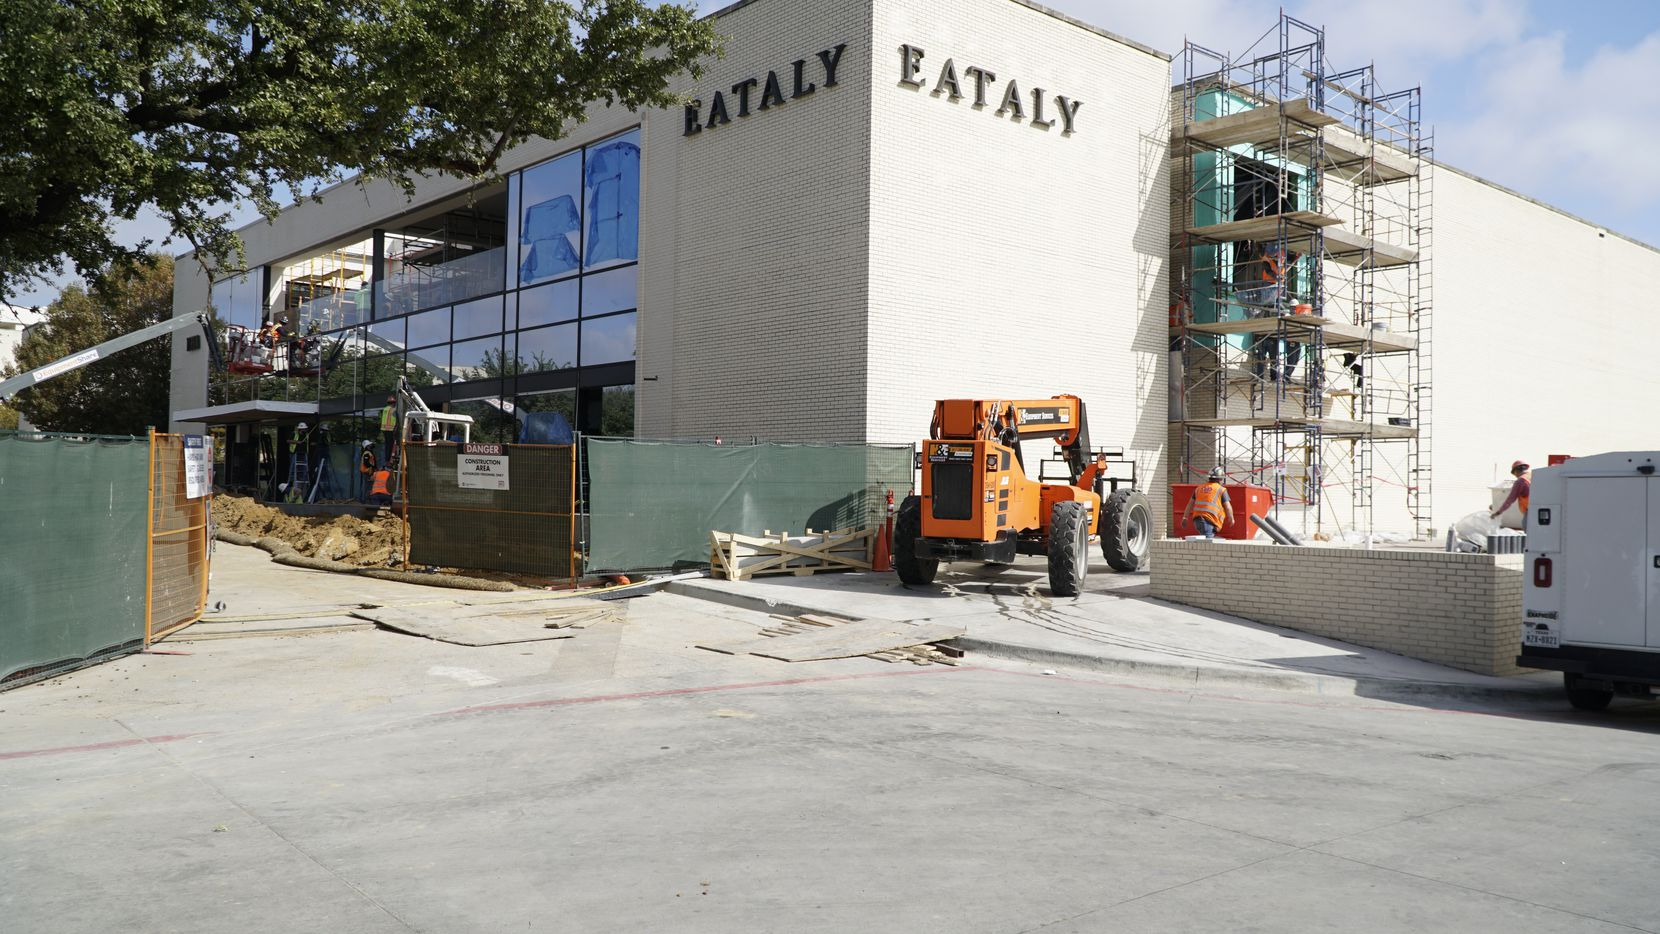 Trabajadores dan los toques finales al exterior de Eataly en el NorthPark Mall en Dallas.